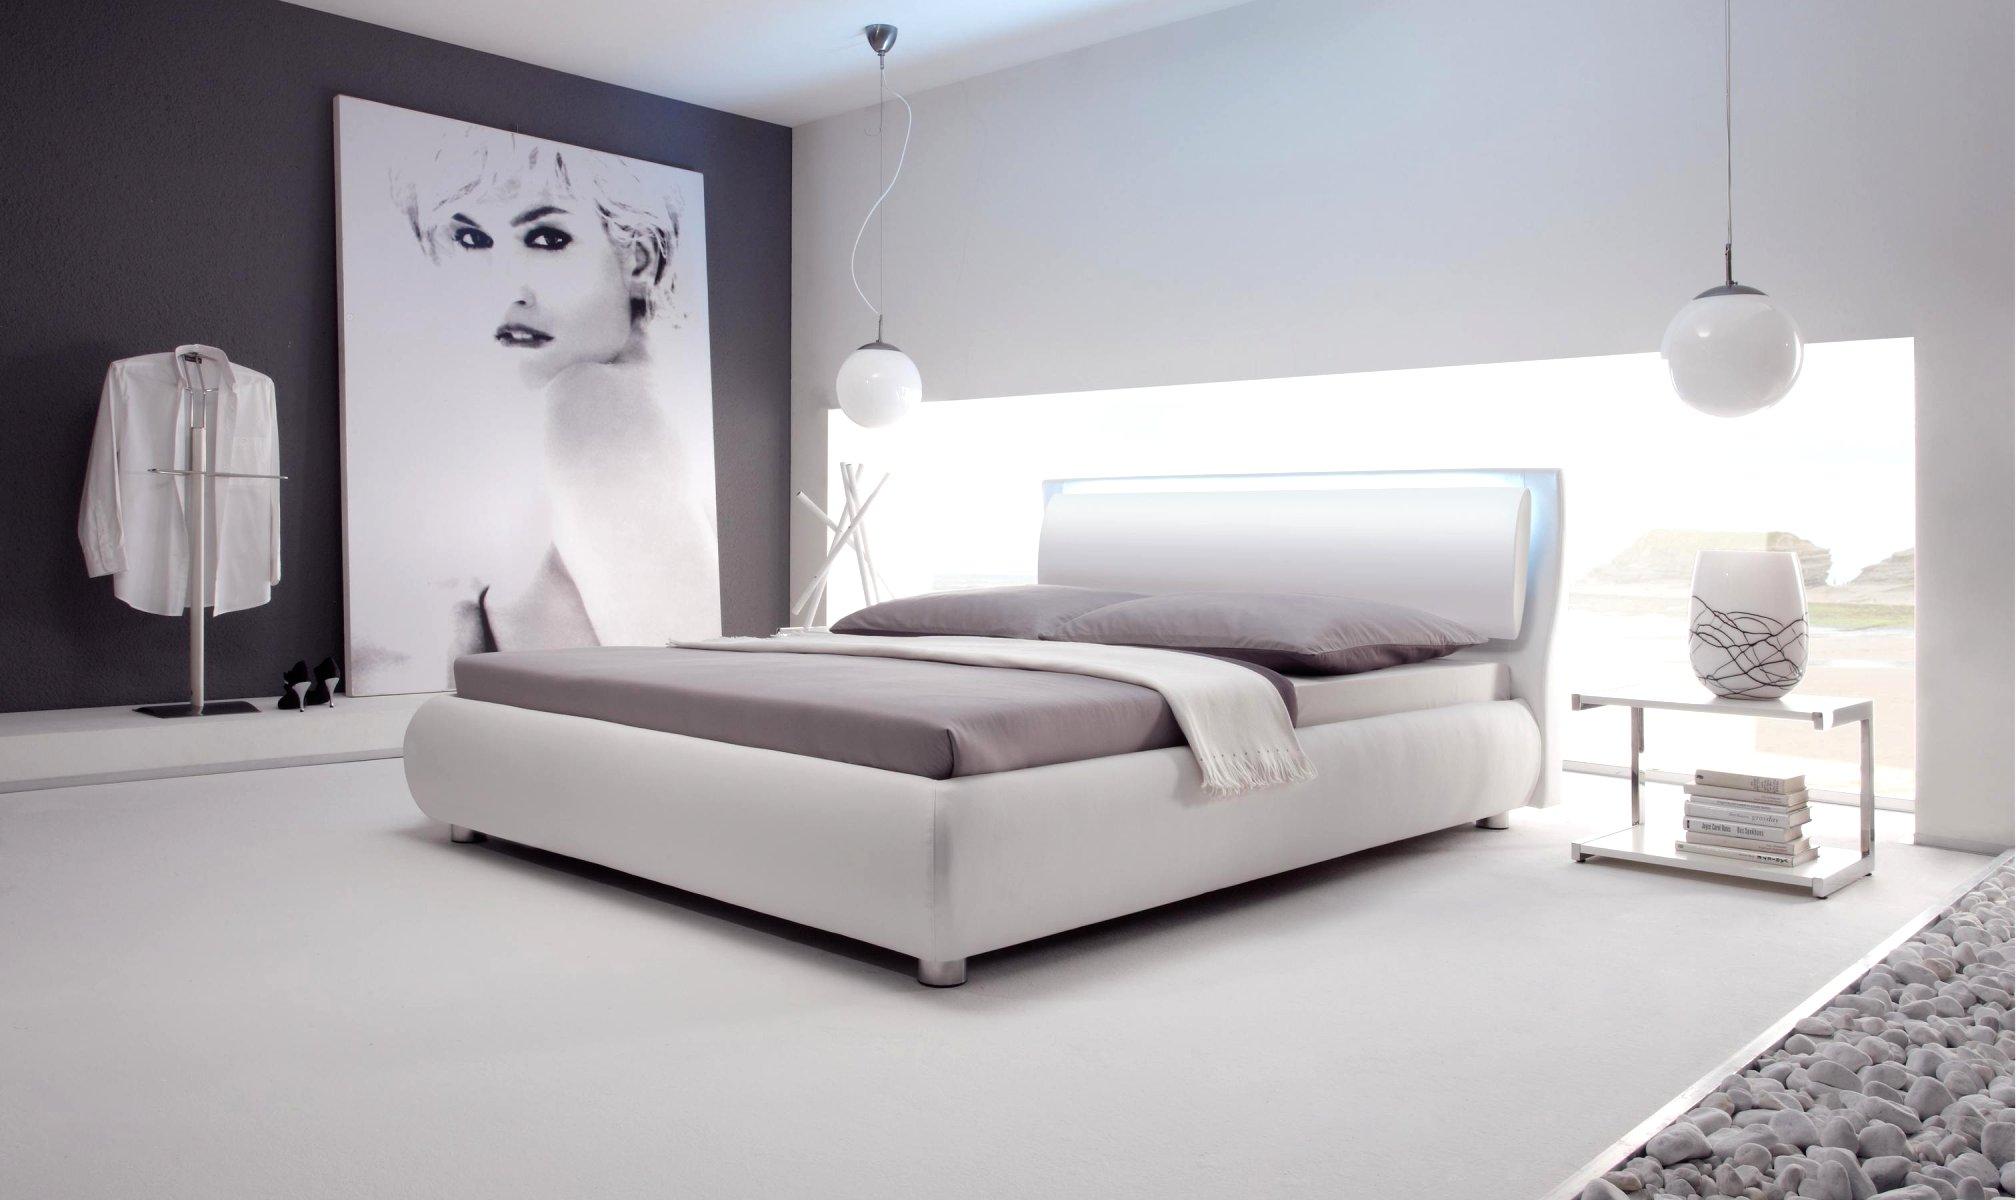 design bettrahmen f r wasserbetten wasserbettmatratzen und gelmatratzen. Black Bedroom Furniture Sets. Home Design Ideas